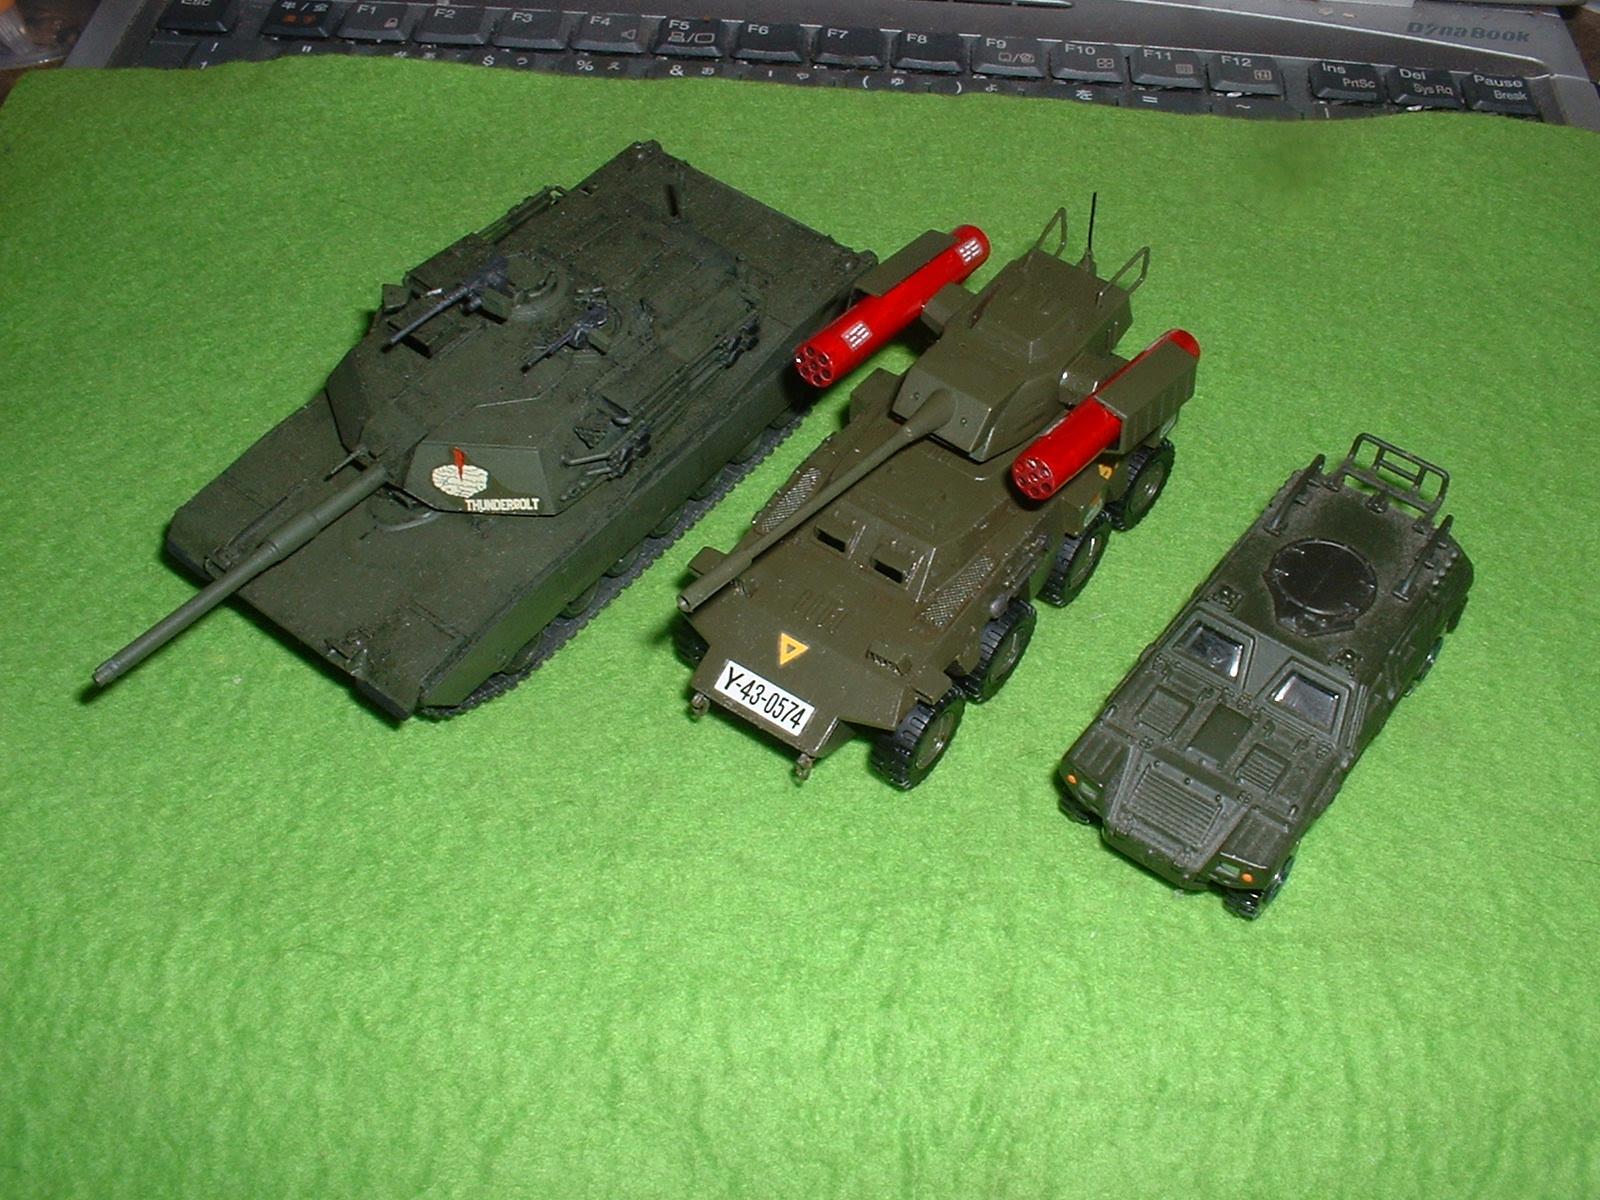 タカラ「インステッド 8輪装甲車」大きさ比較 Doburoku-TAO.JPG